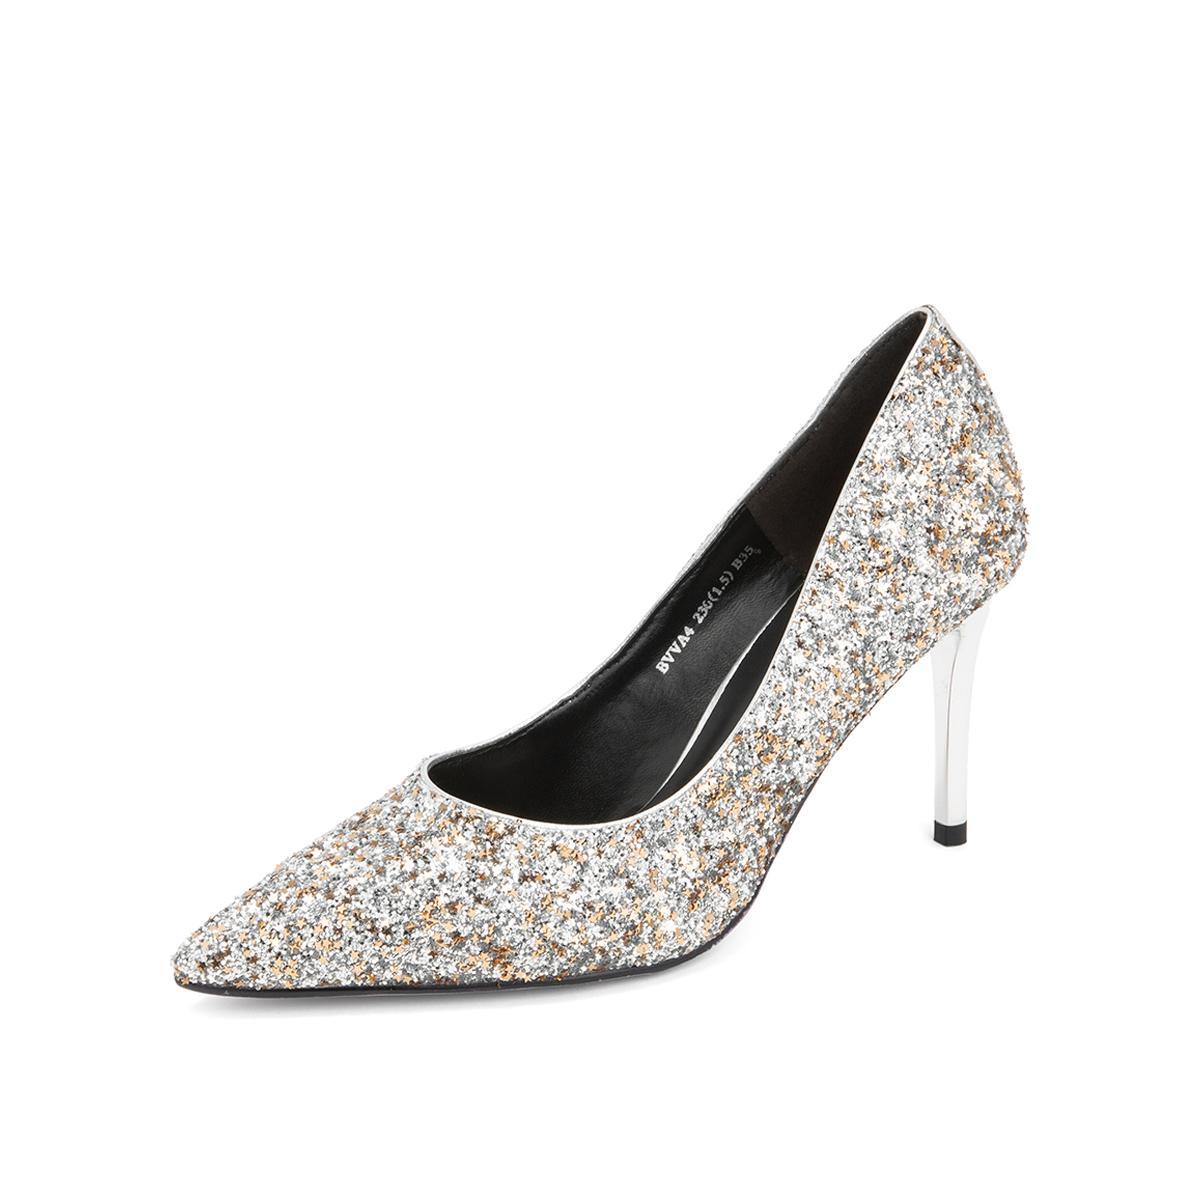 百丽百丽女鞋2019新商场同款仙女亮片布细高跟单鞋结婚鞋BBLBVVA4DB1AQ9